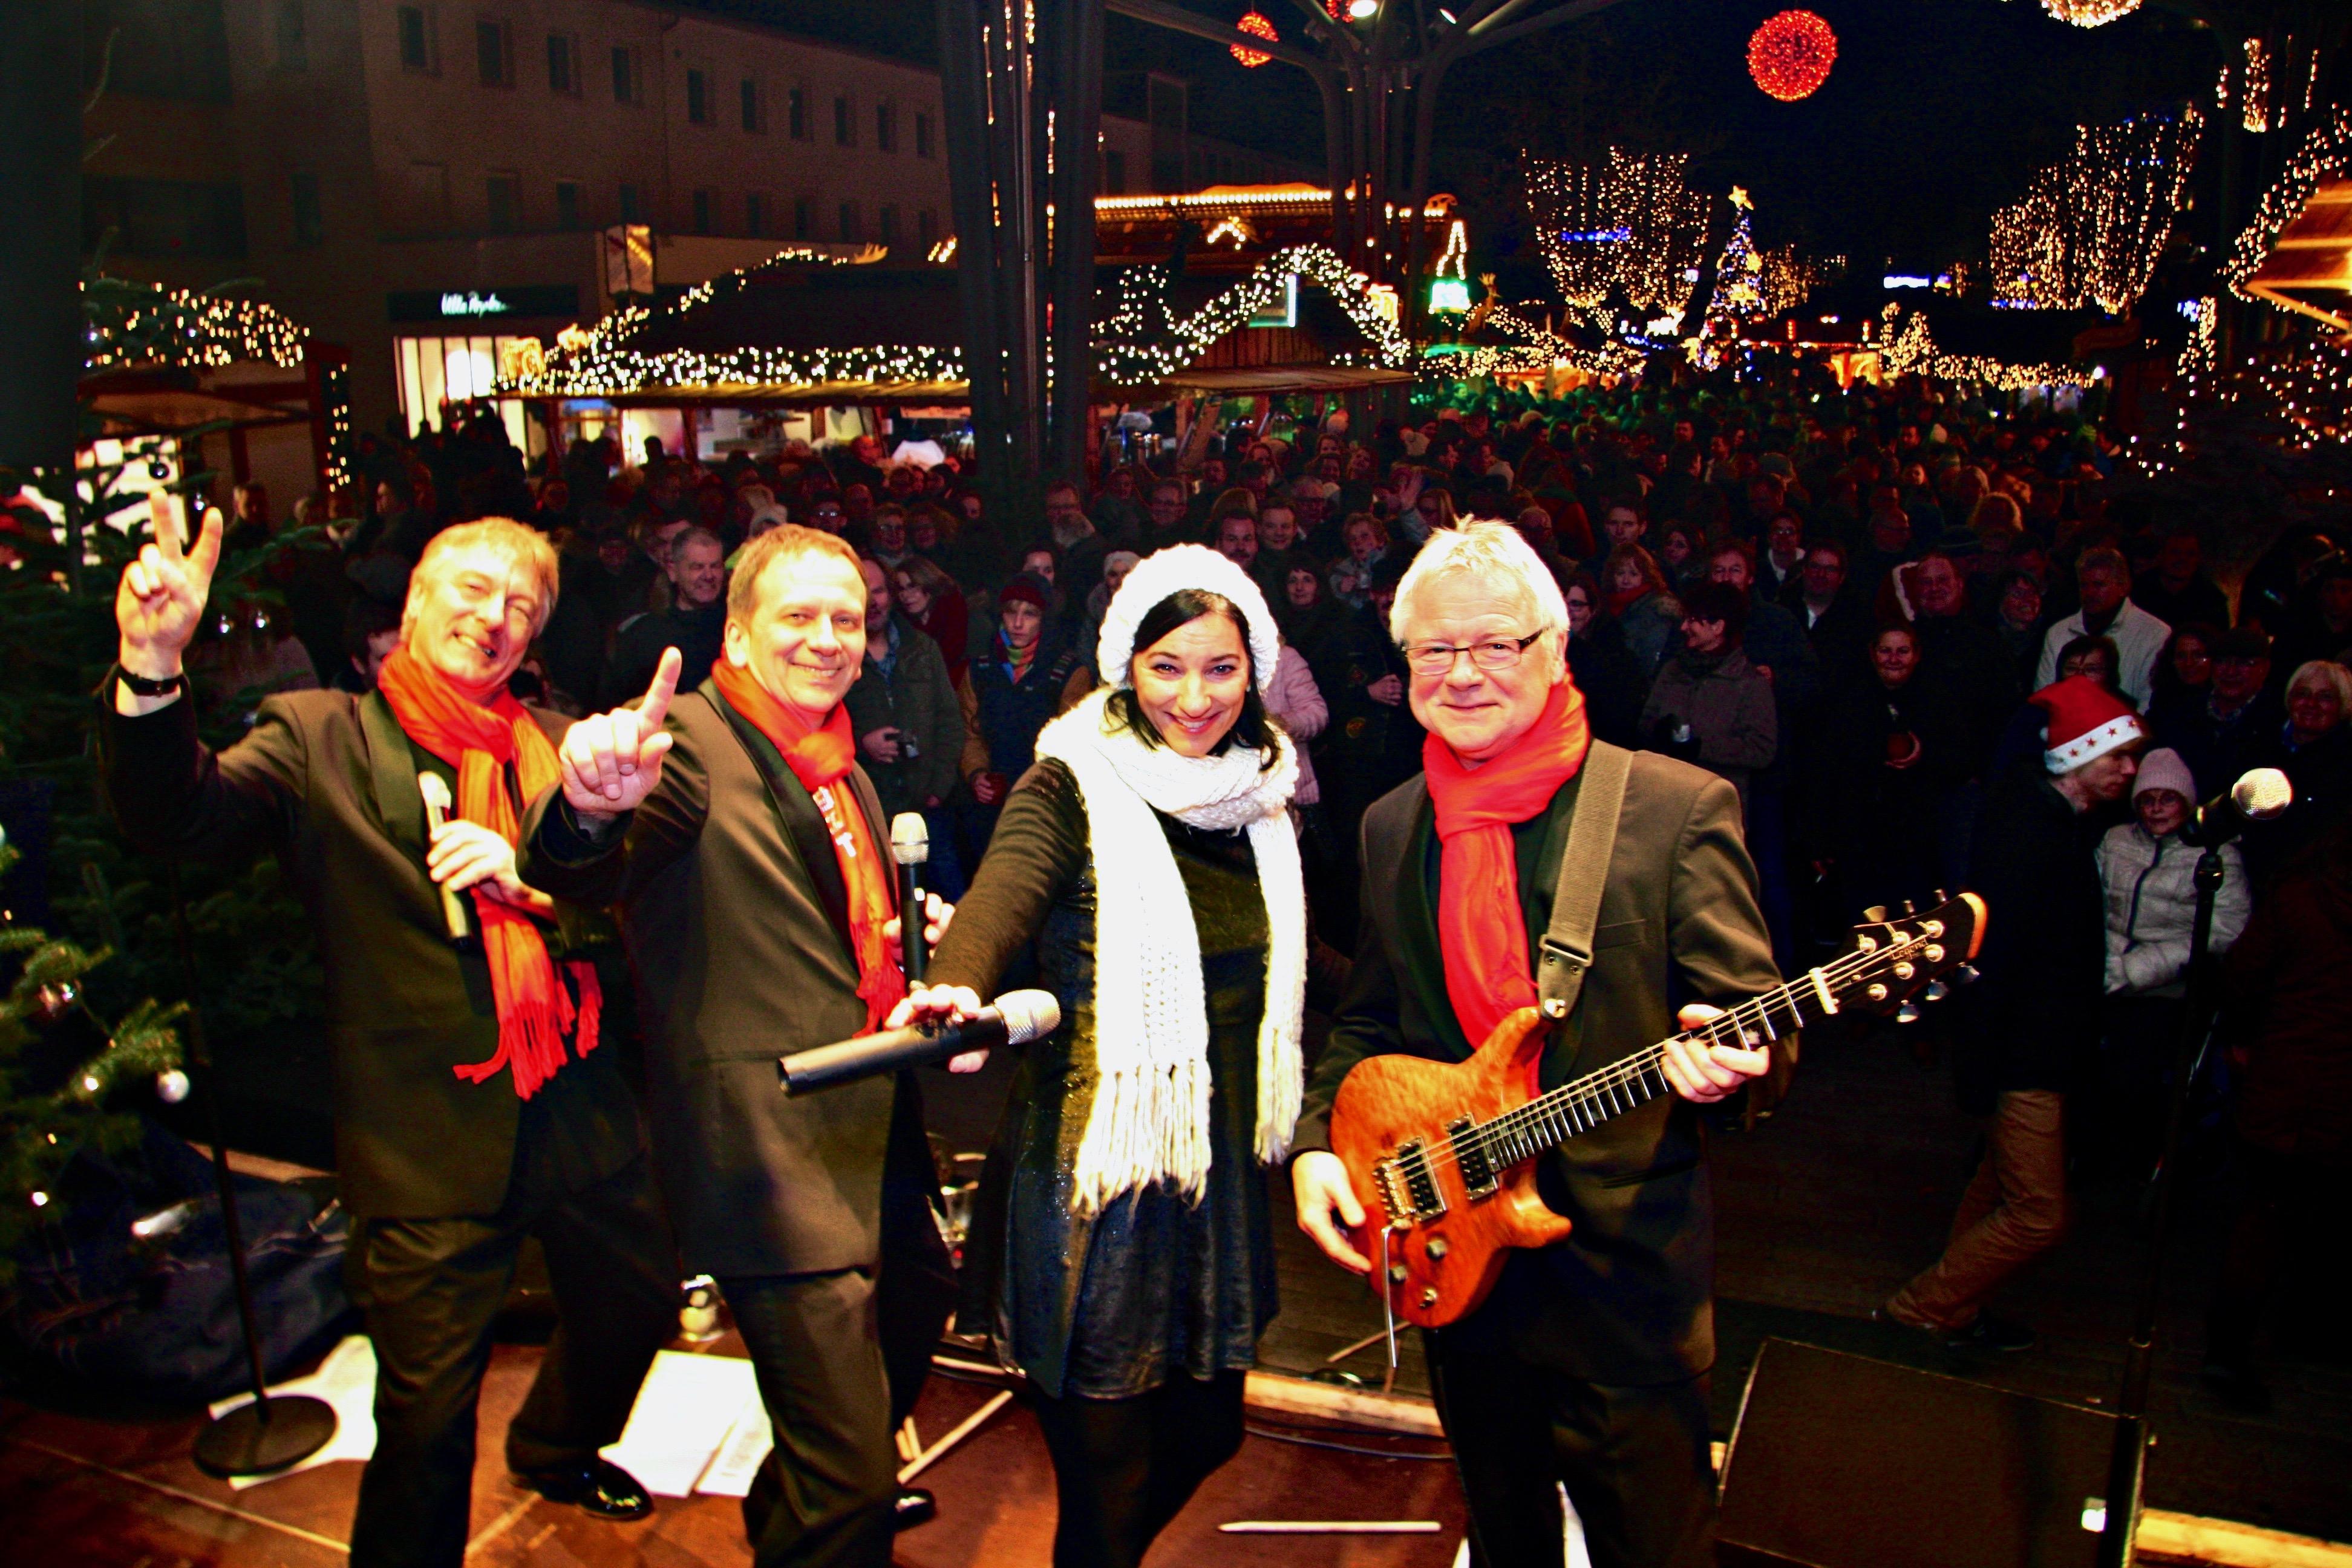 Bühnene-Selfie Weihnachtsmarkt Wolfsburg